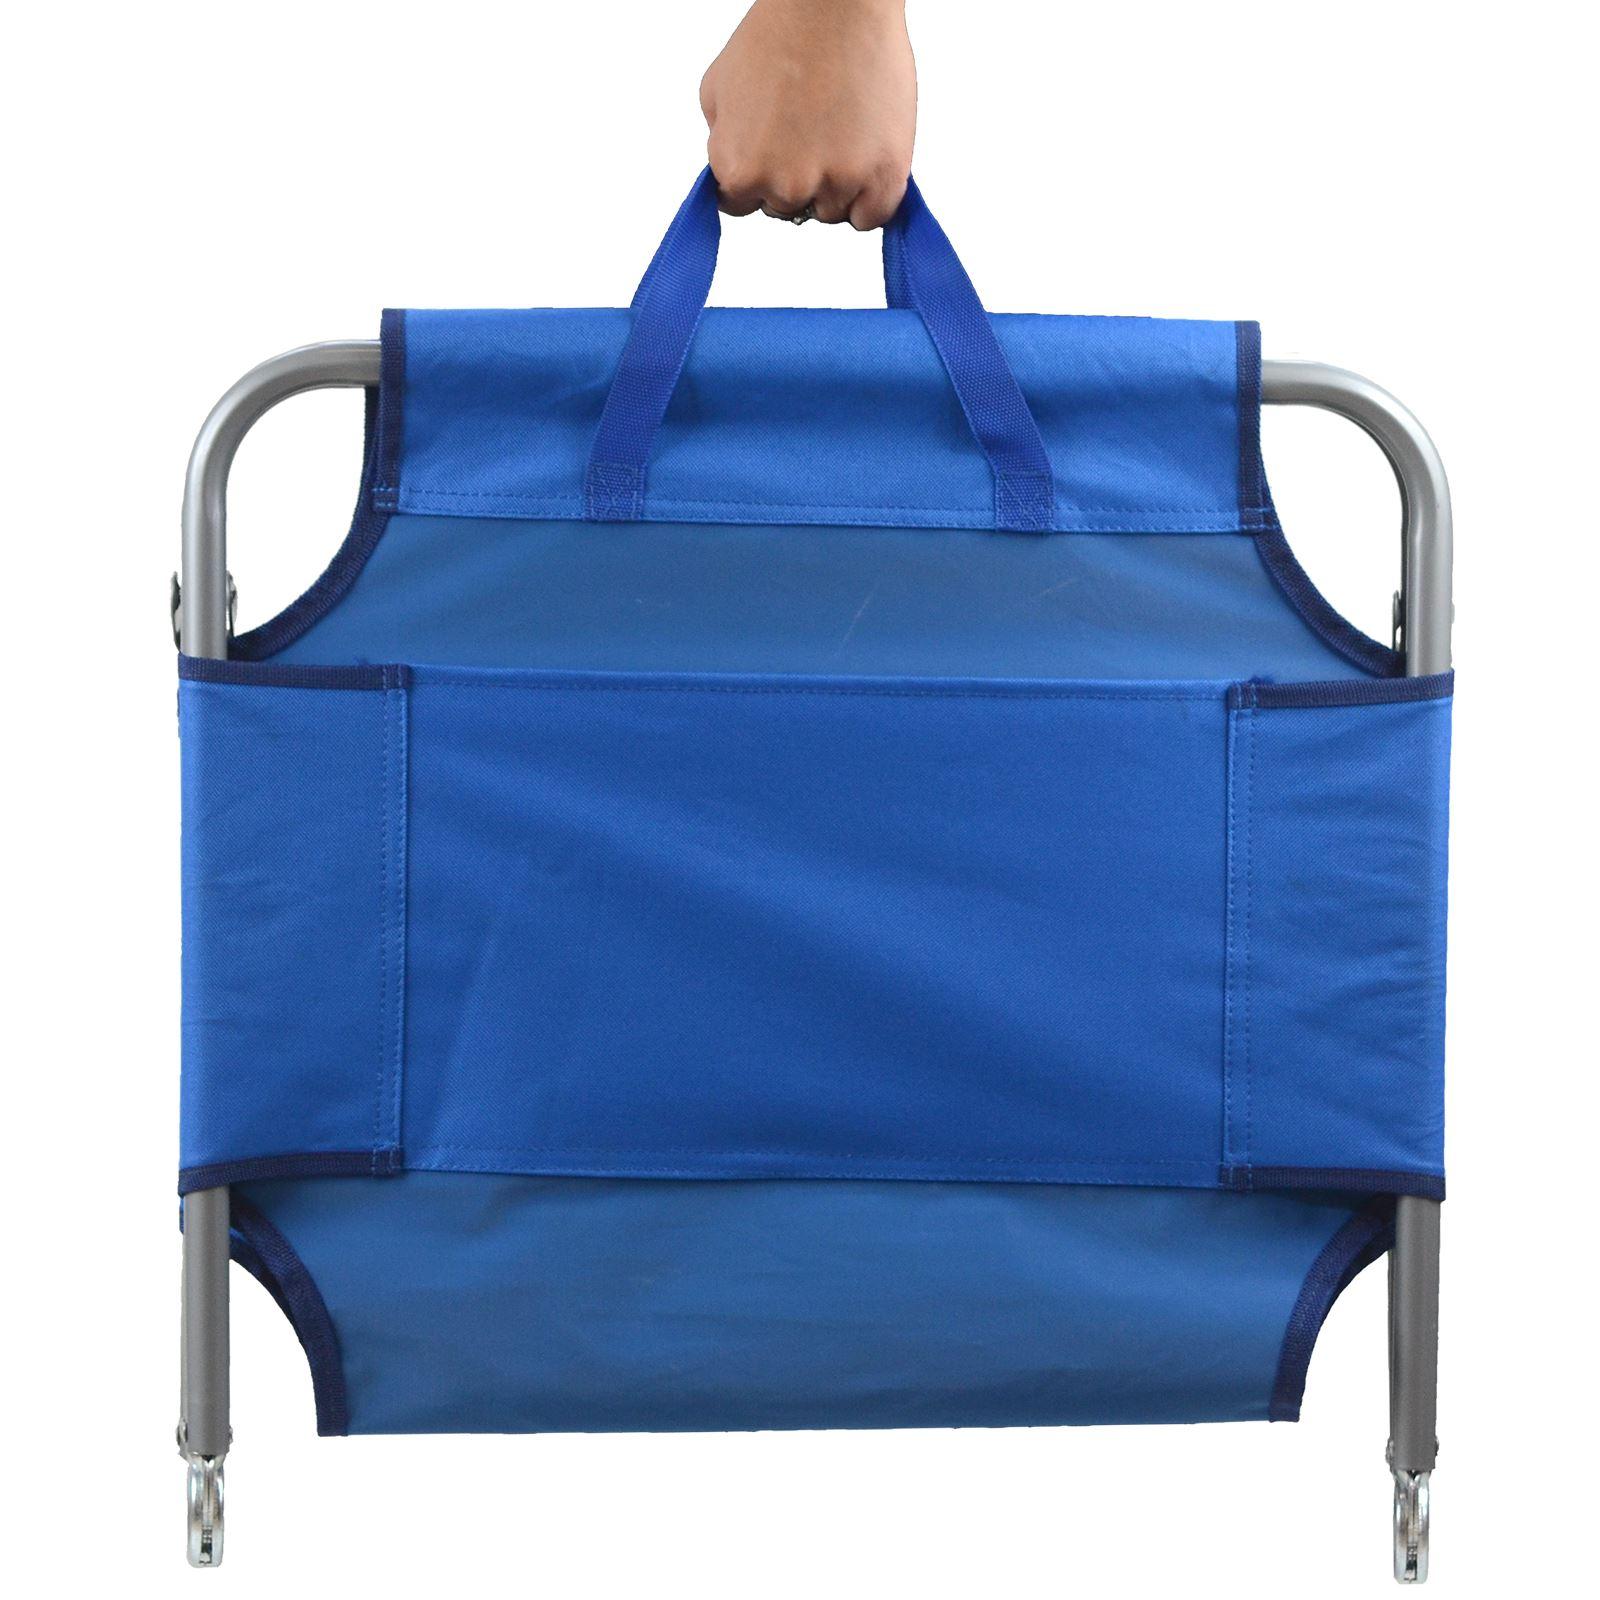 Folding Sun Camping Beach Chair Lounger Bed Foldable Lightweight Seat Garden